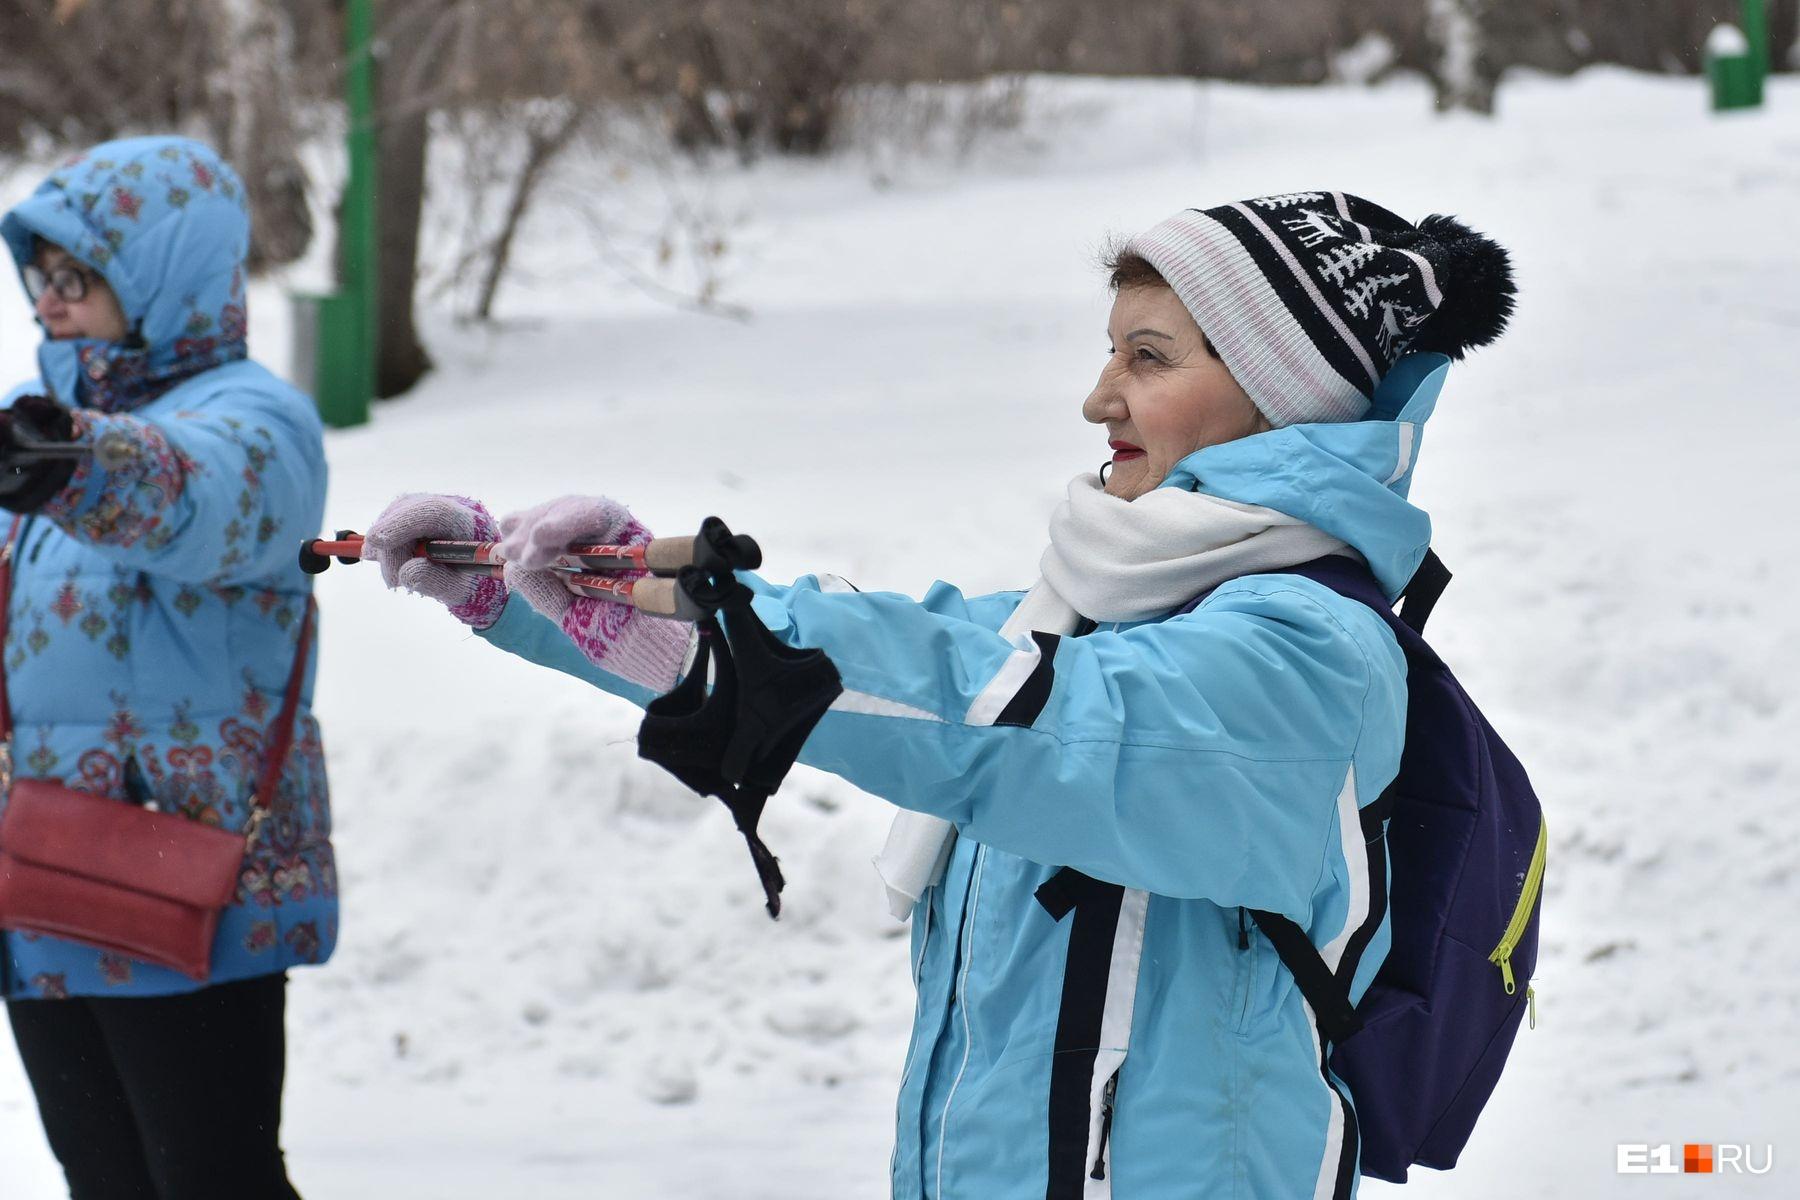 Команда, занимающаяся у Ирины Вдовиной, принимала участие в городских соревнованиях по северной (скандинавской) ходьбе наравне со здоровыми людьми. Несколько человек заняли призовые места. Например,Тамара Полякова (на фото) стала второй в старшей возрастной группе на II Кубке Екатеринбурга по северной ходьбе